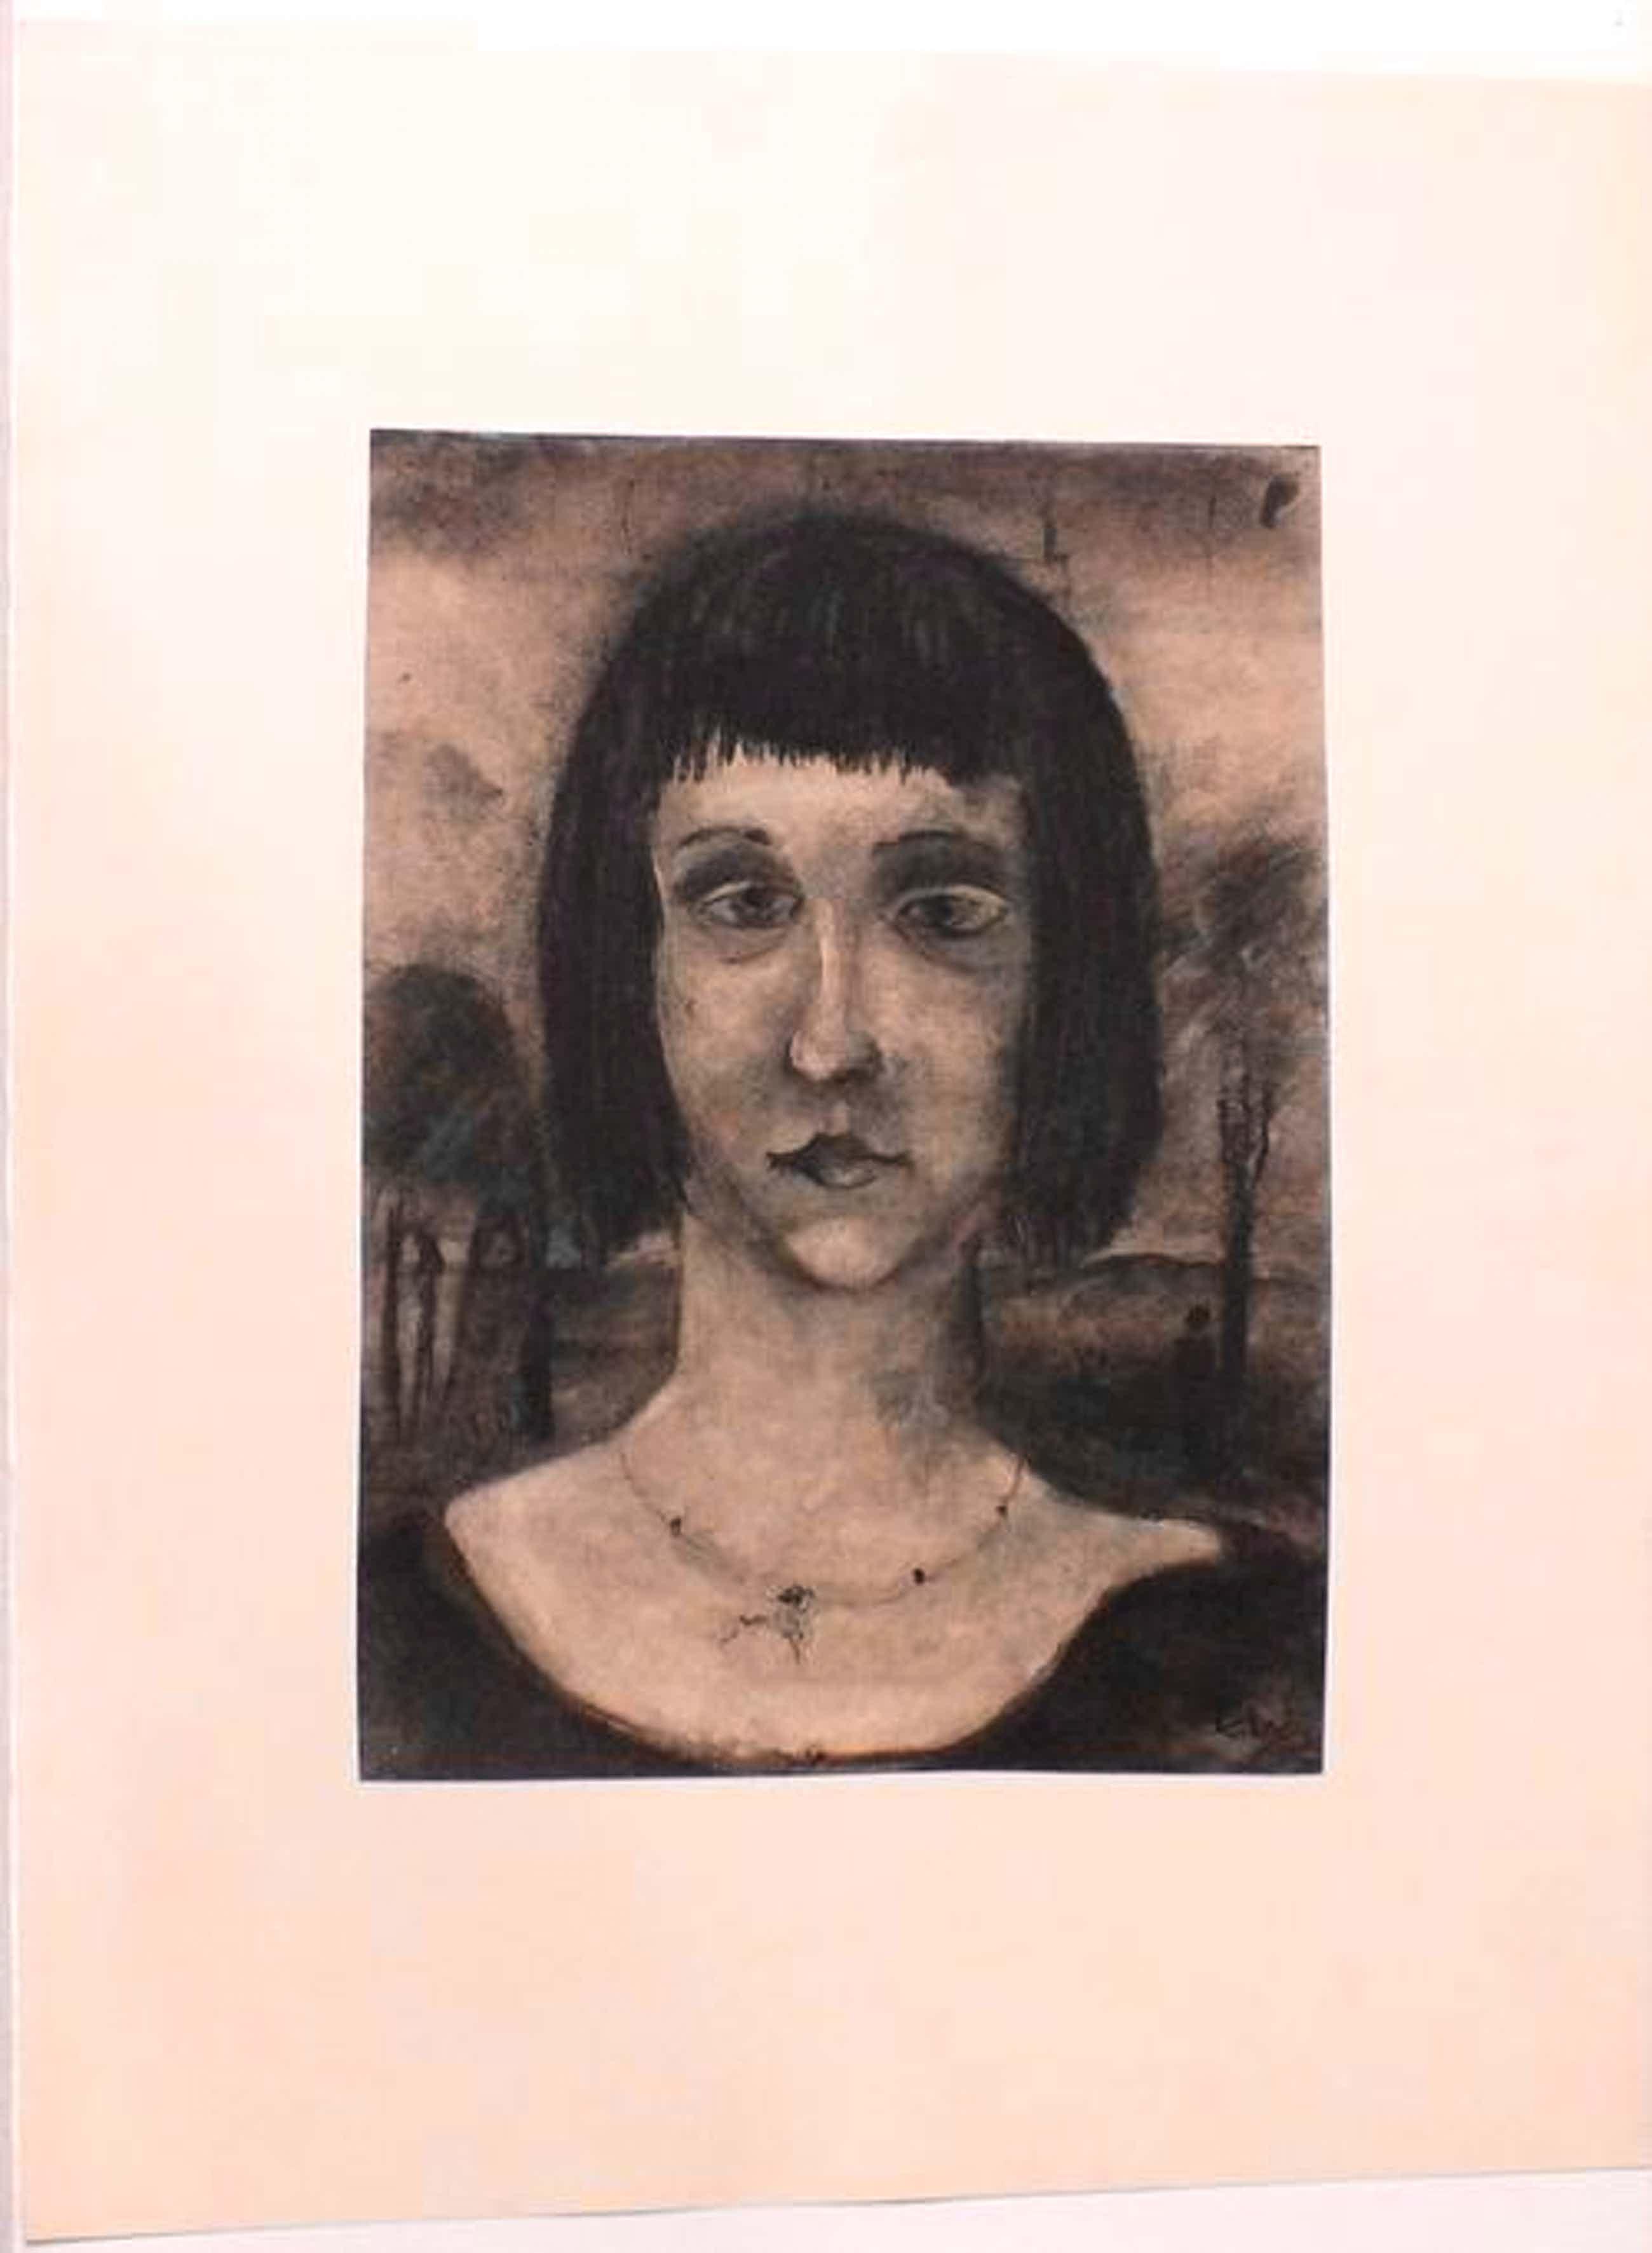 Siegfried Ebeling - Bauhaus Kreide auf Papier 1933 kopen? Bied vanaf 3600!